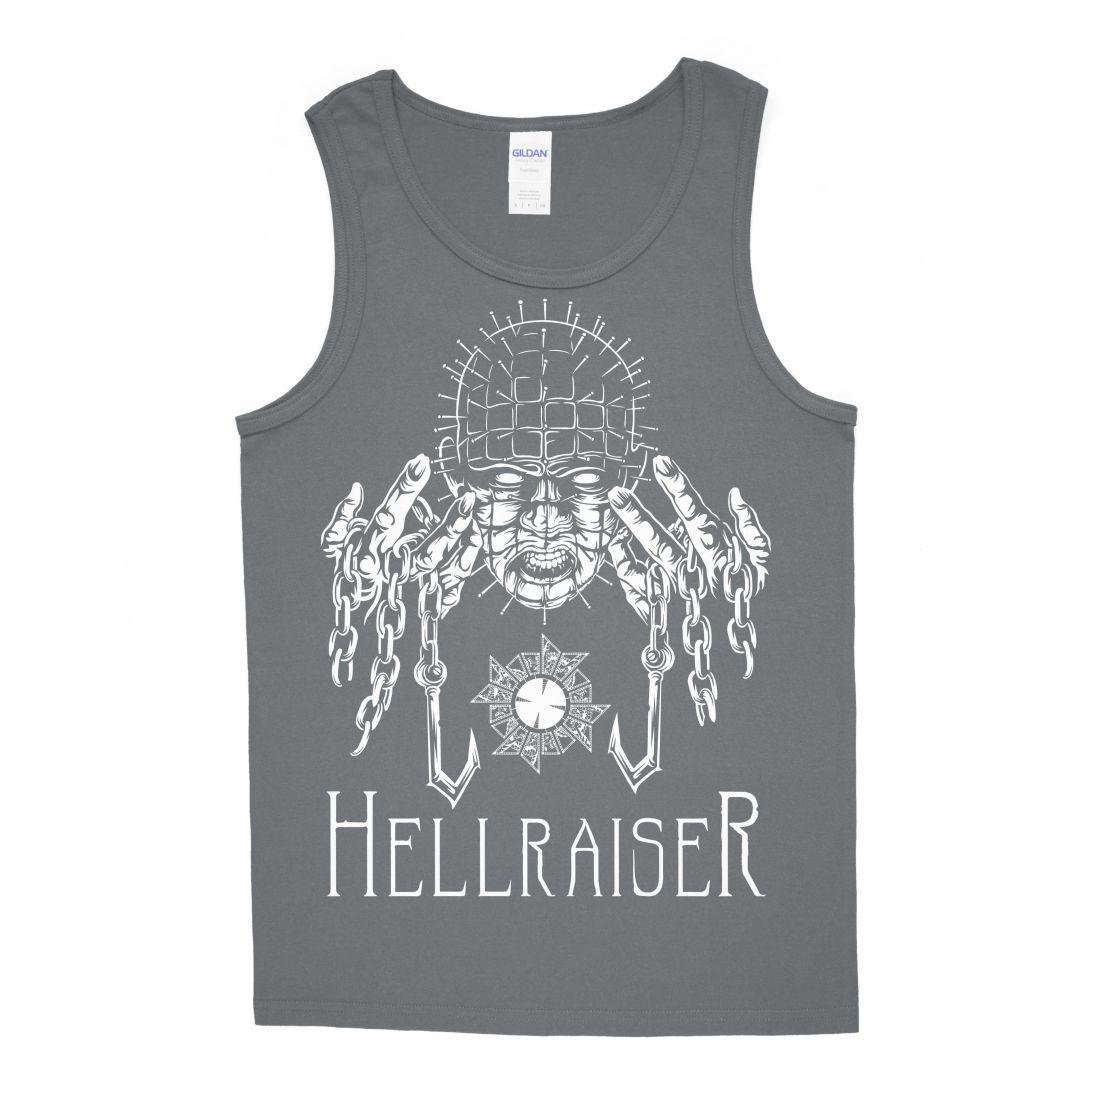 Hellraiser 001 (charcoal színű trikó)